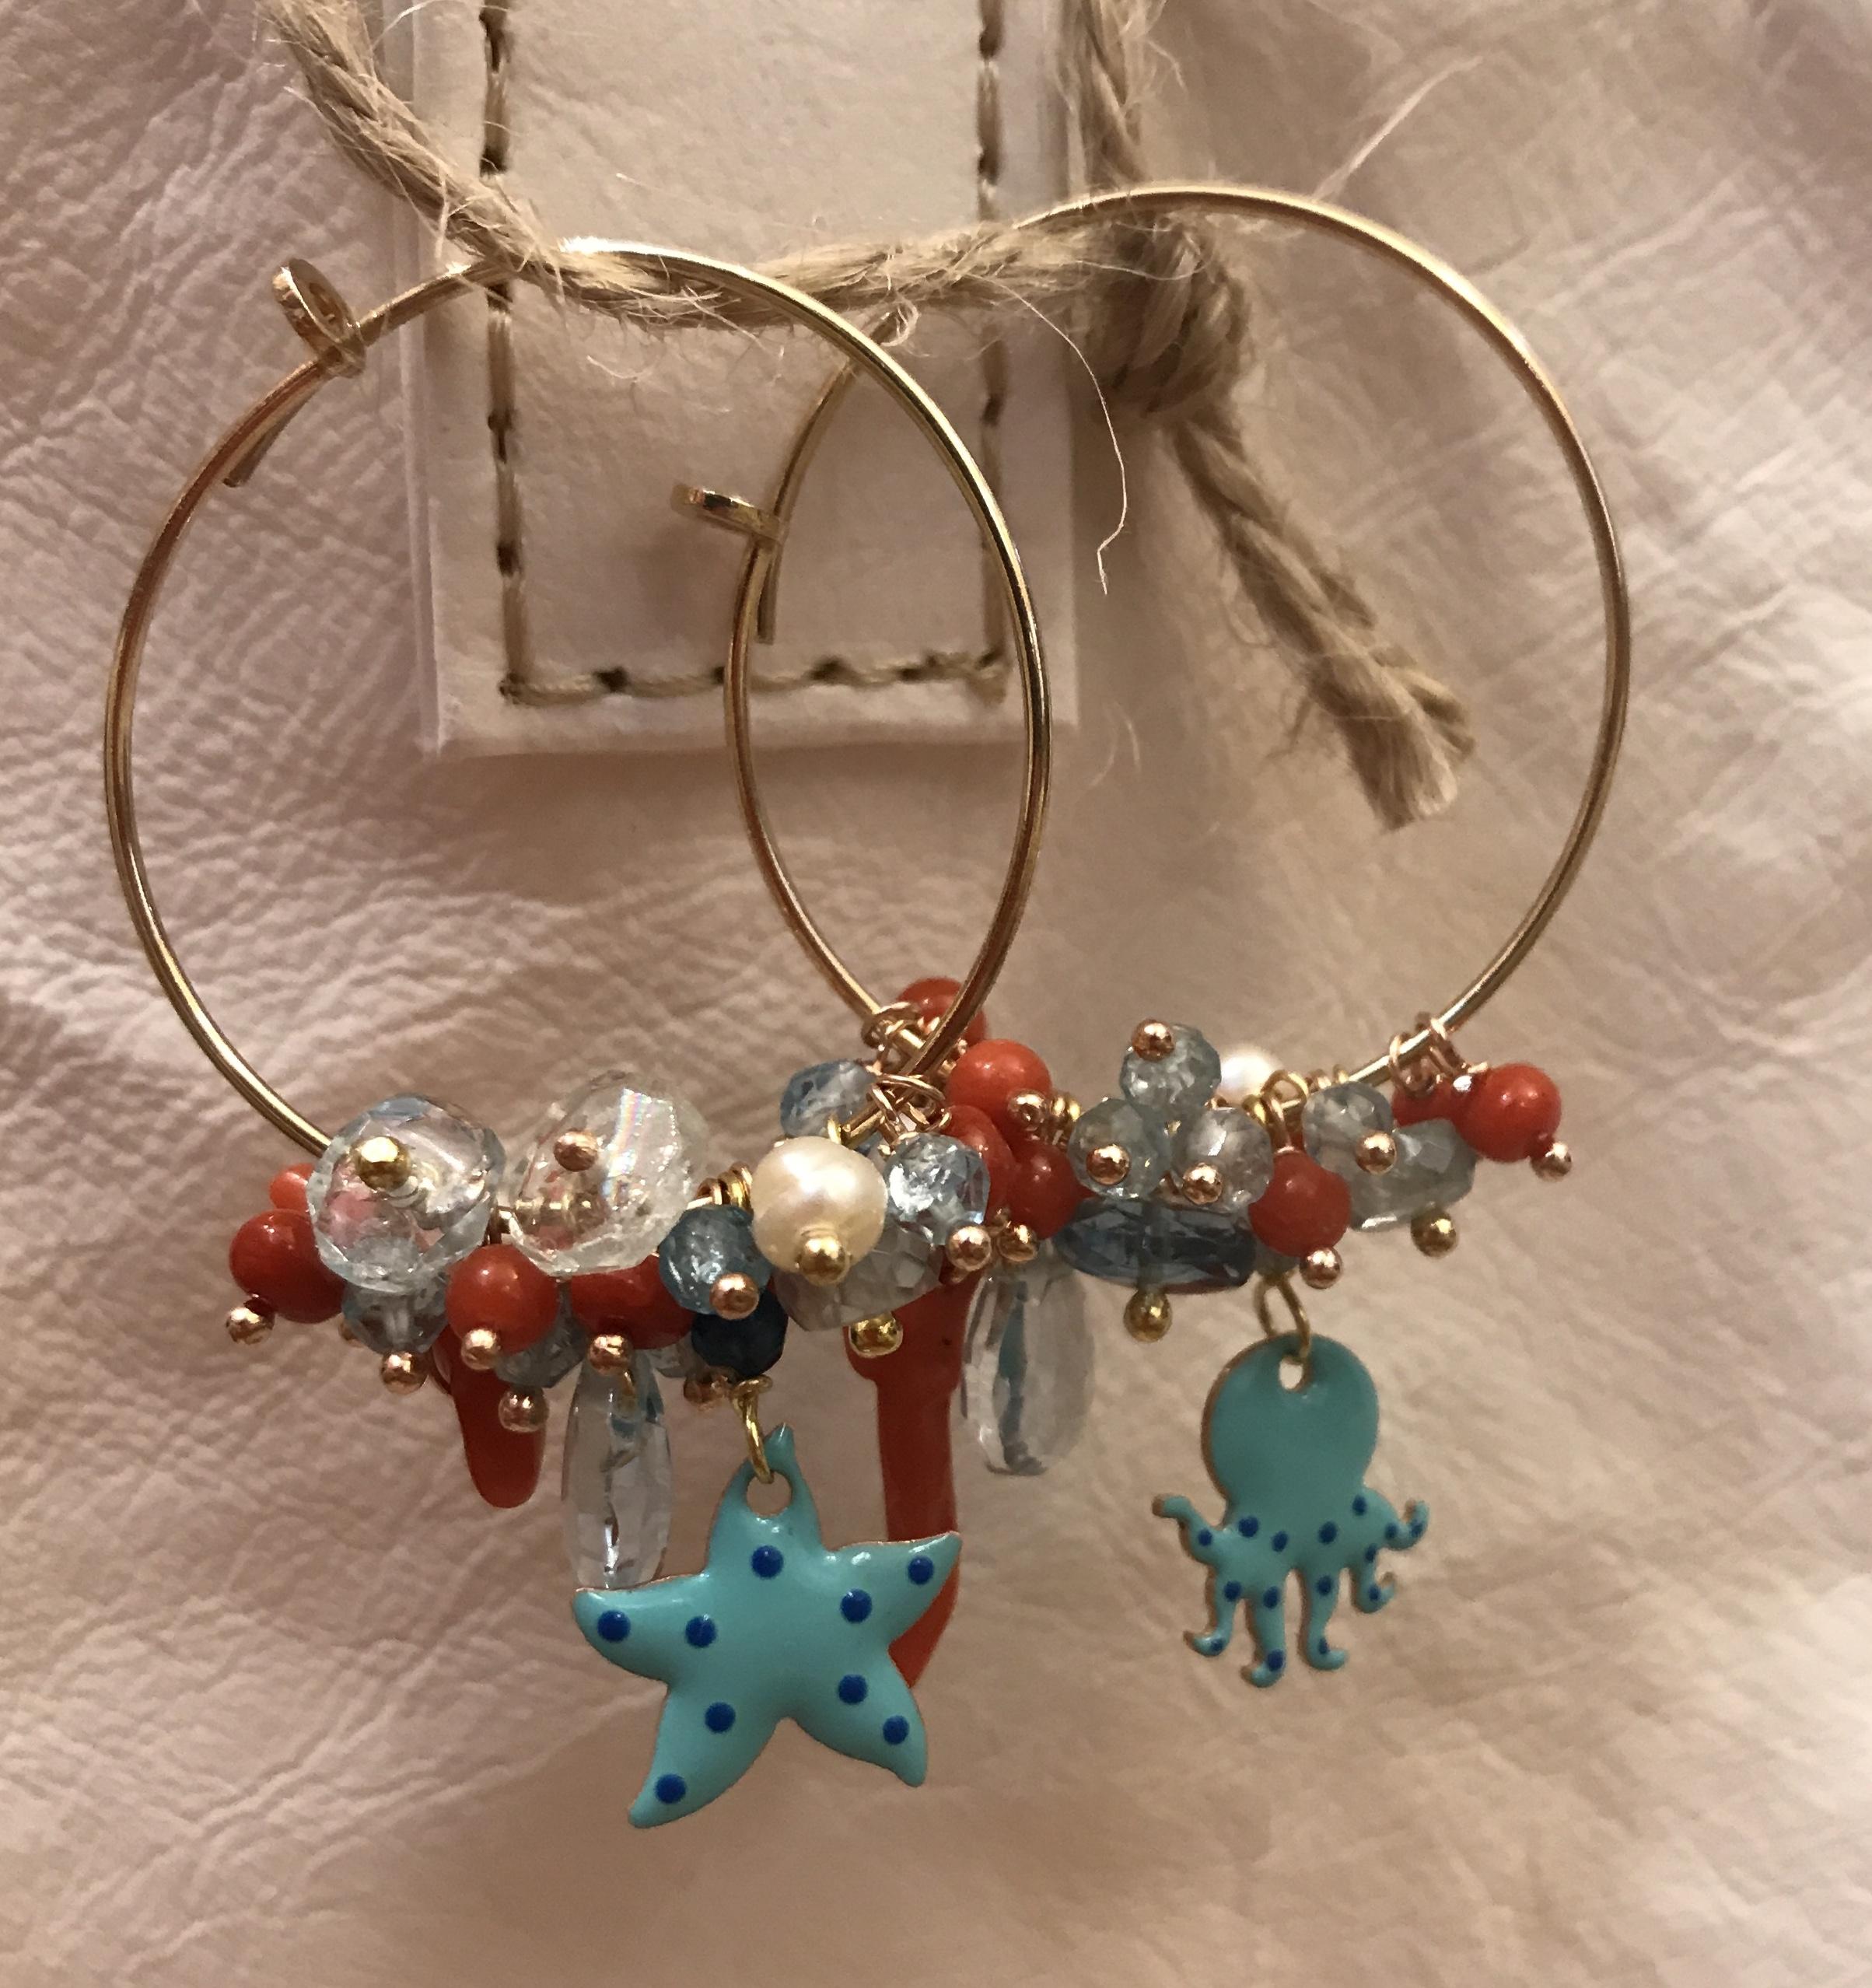 Orecchini argento con corallo e pietre semipreziose.